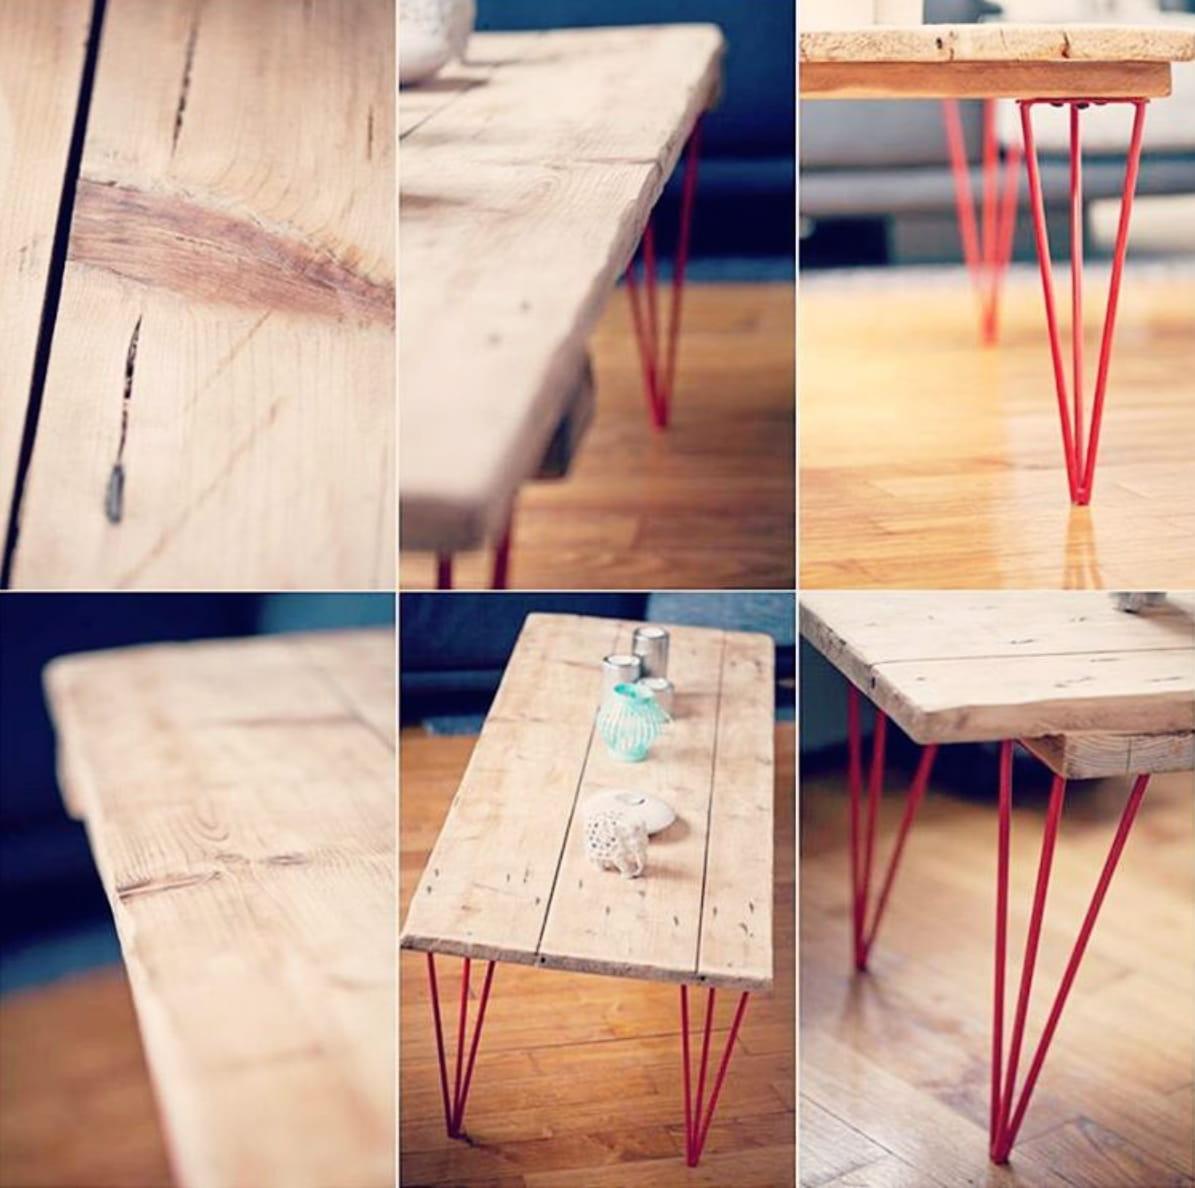 fabriquer sa table avec des pieds personnalisables. Black Bedroom Furniture Sets. Home Design Ideas